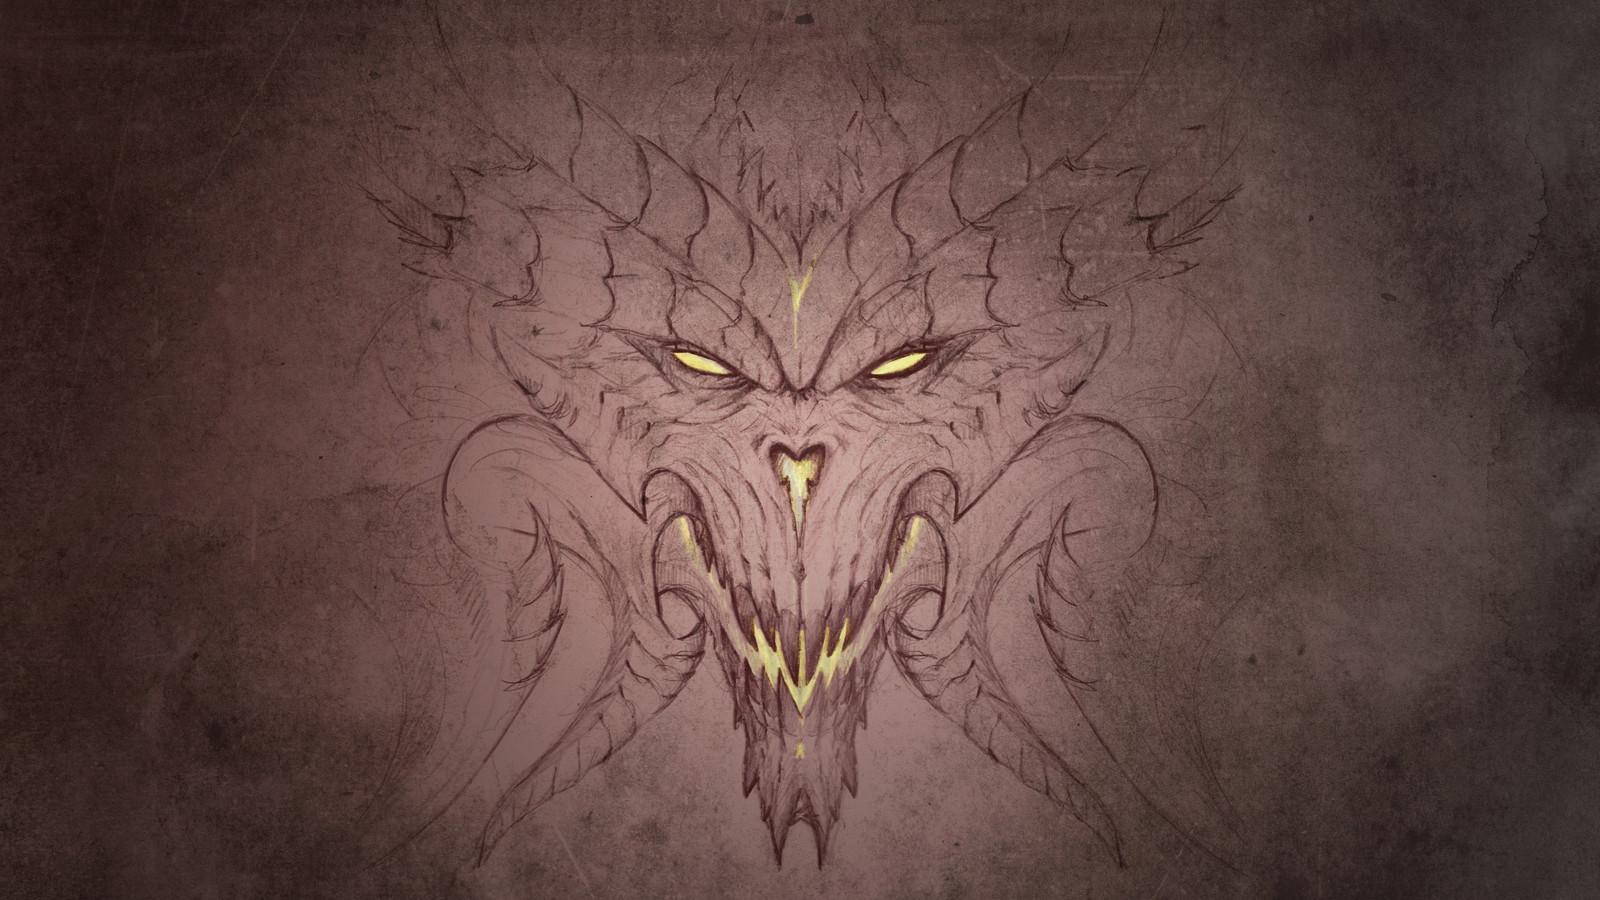 Diablo 3 Sketch